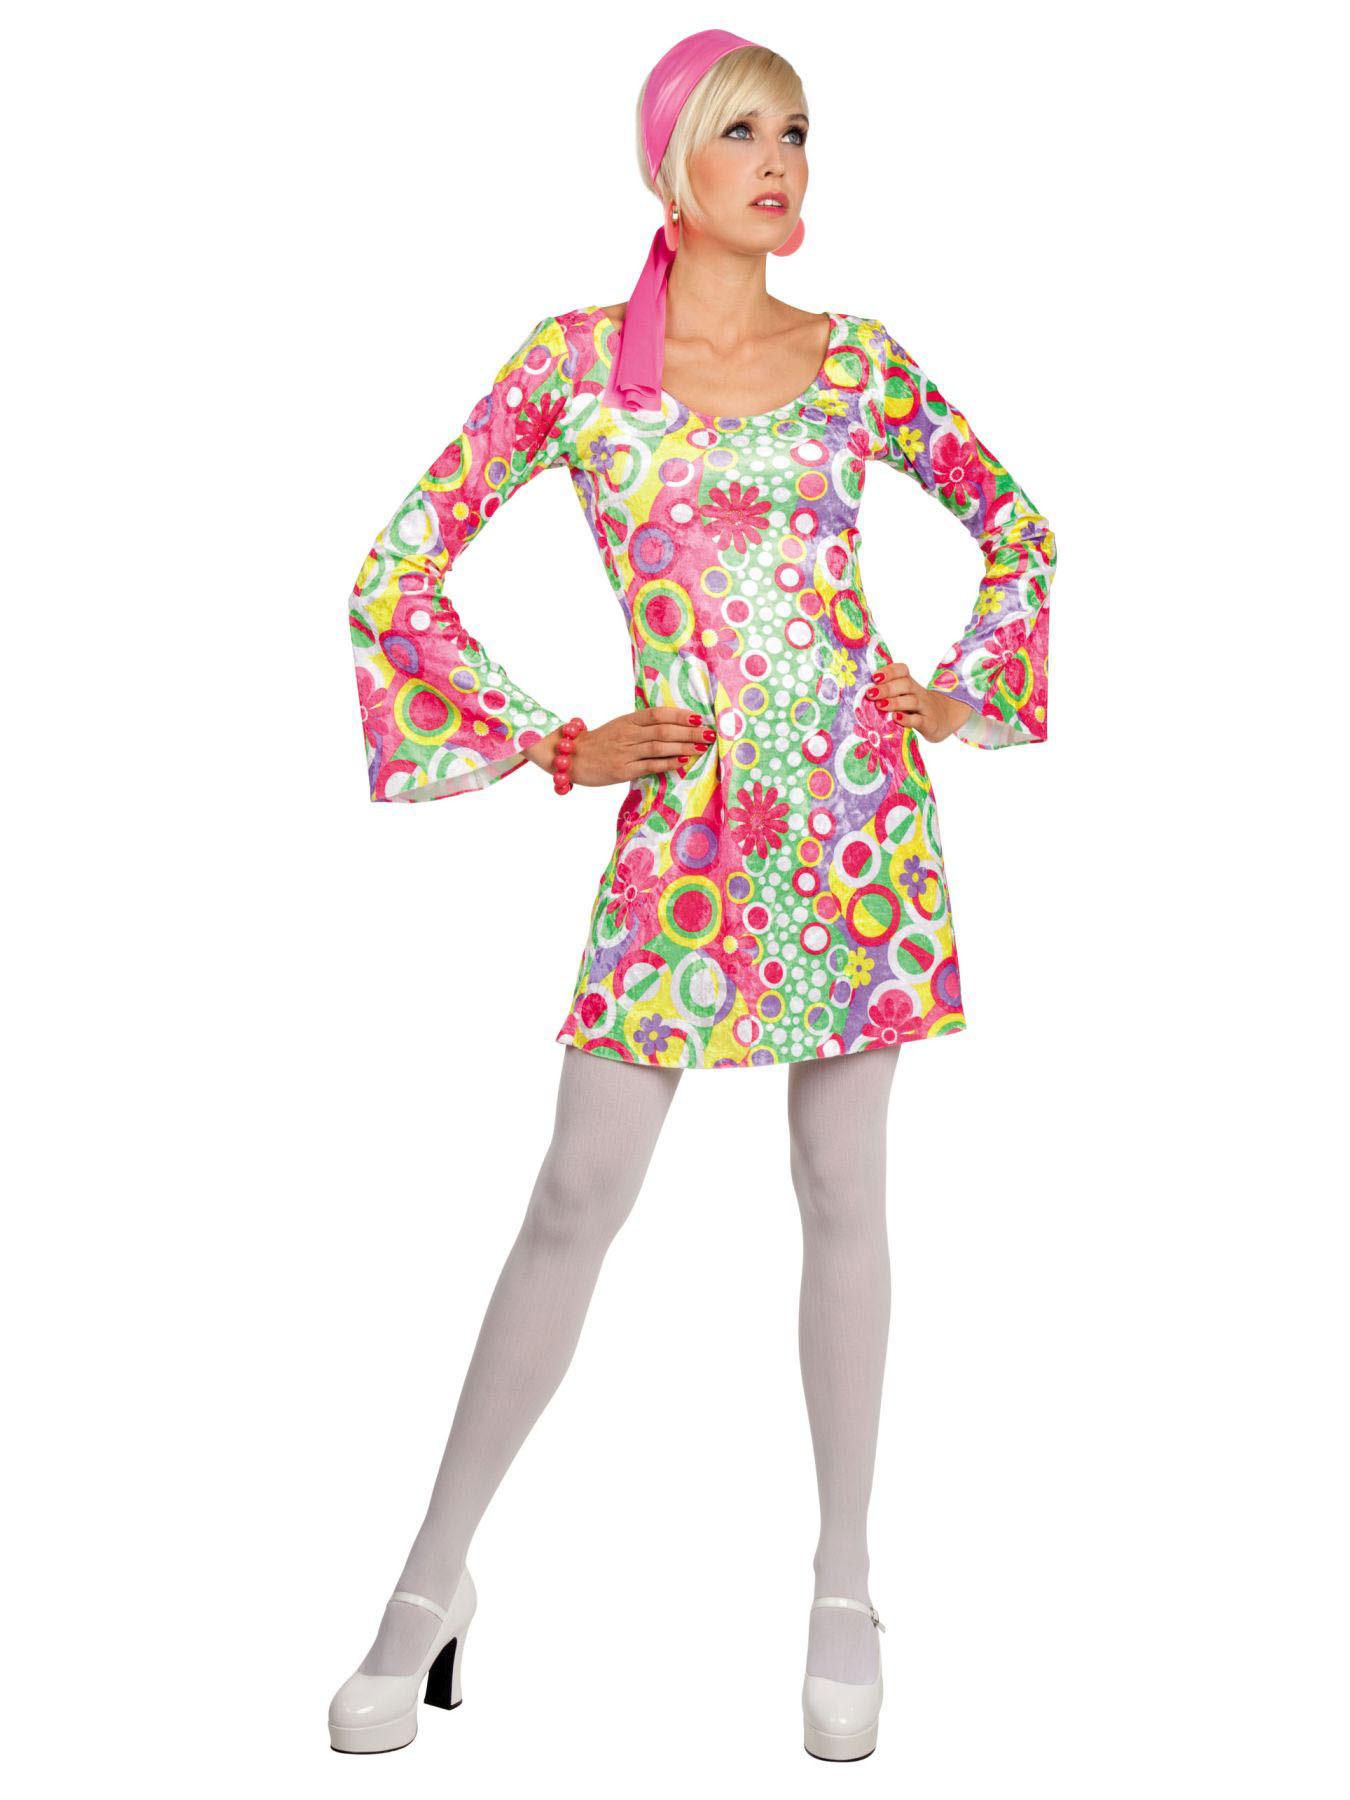 Kostüm Jeannie